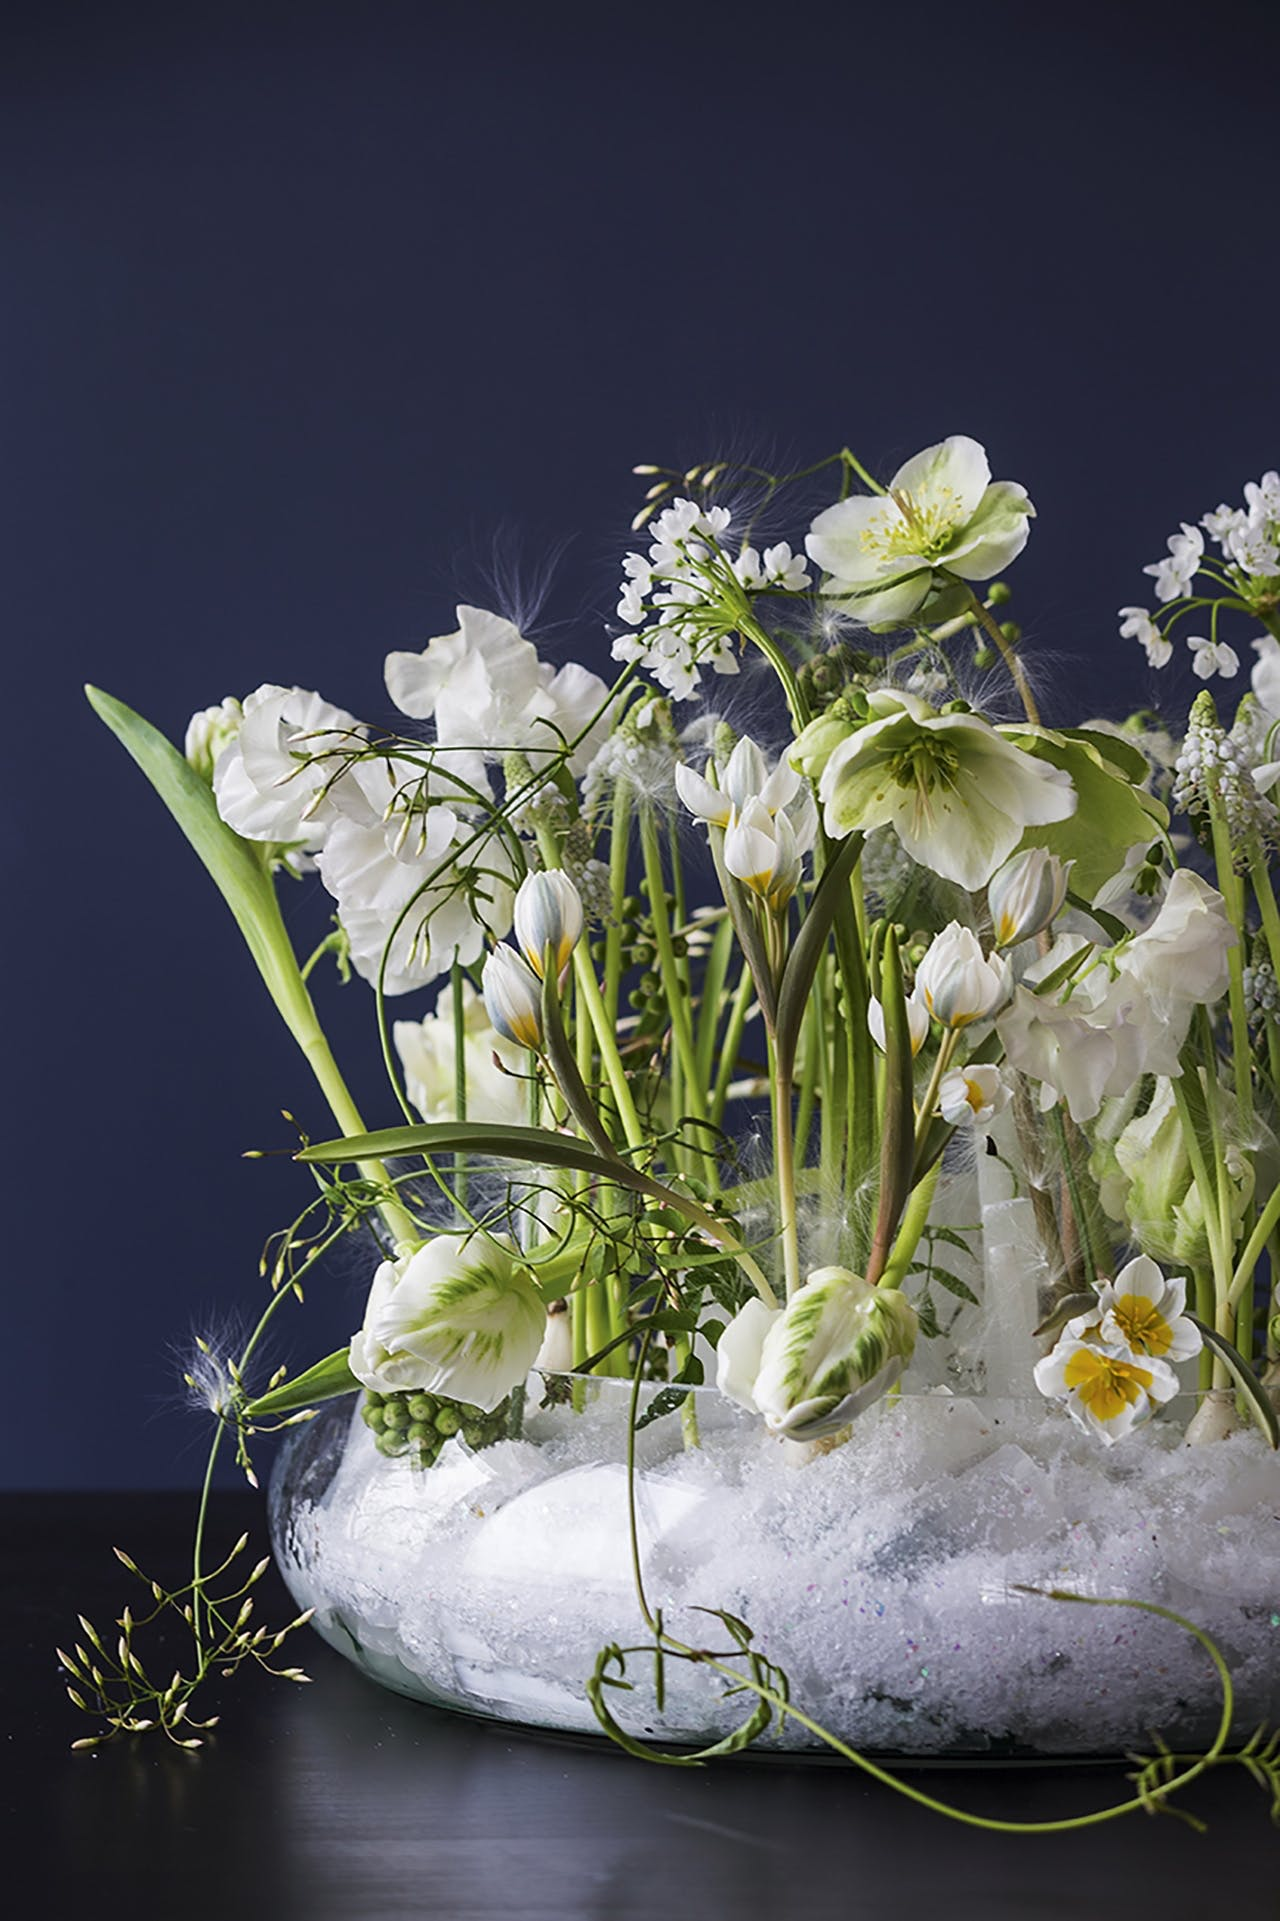 blomsterdekoration og blomster designet af Annette von einem